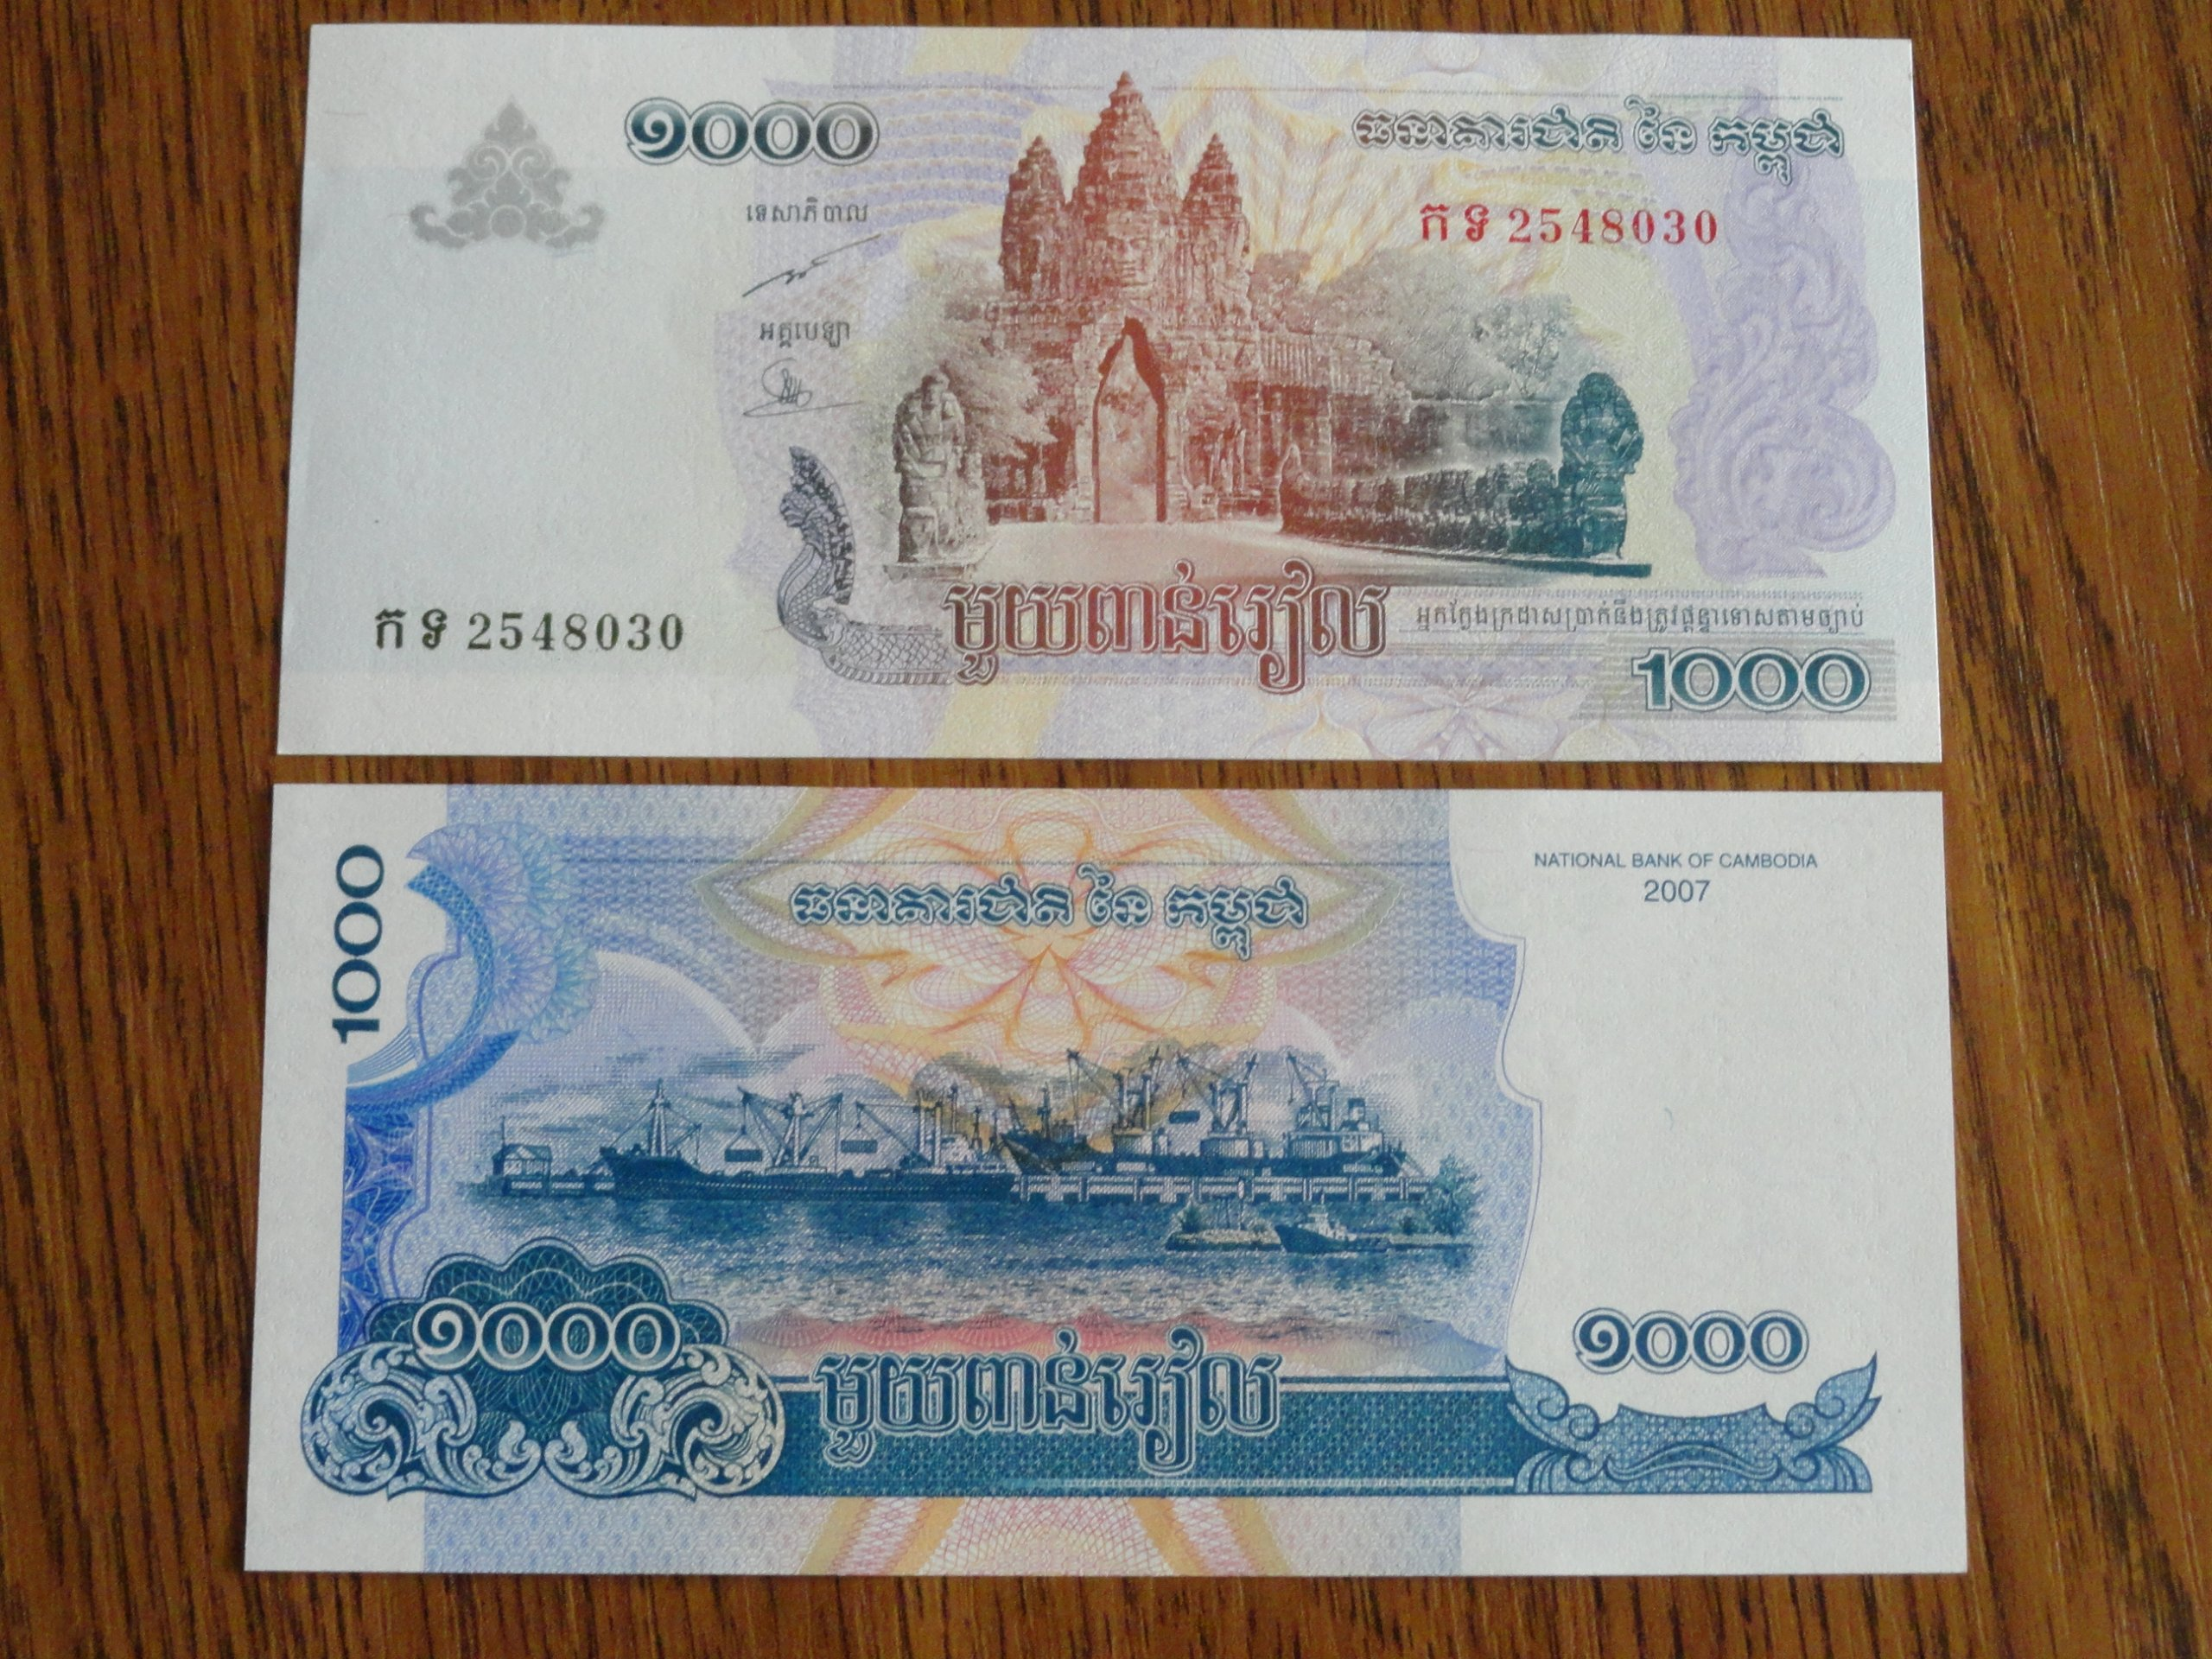 408 КАМБОДЖА 1000 RIELI UNC